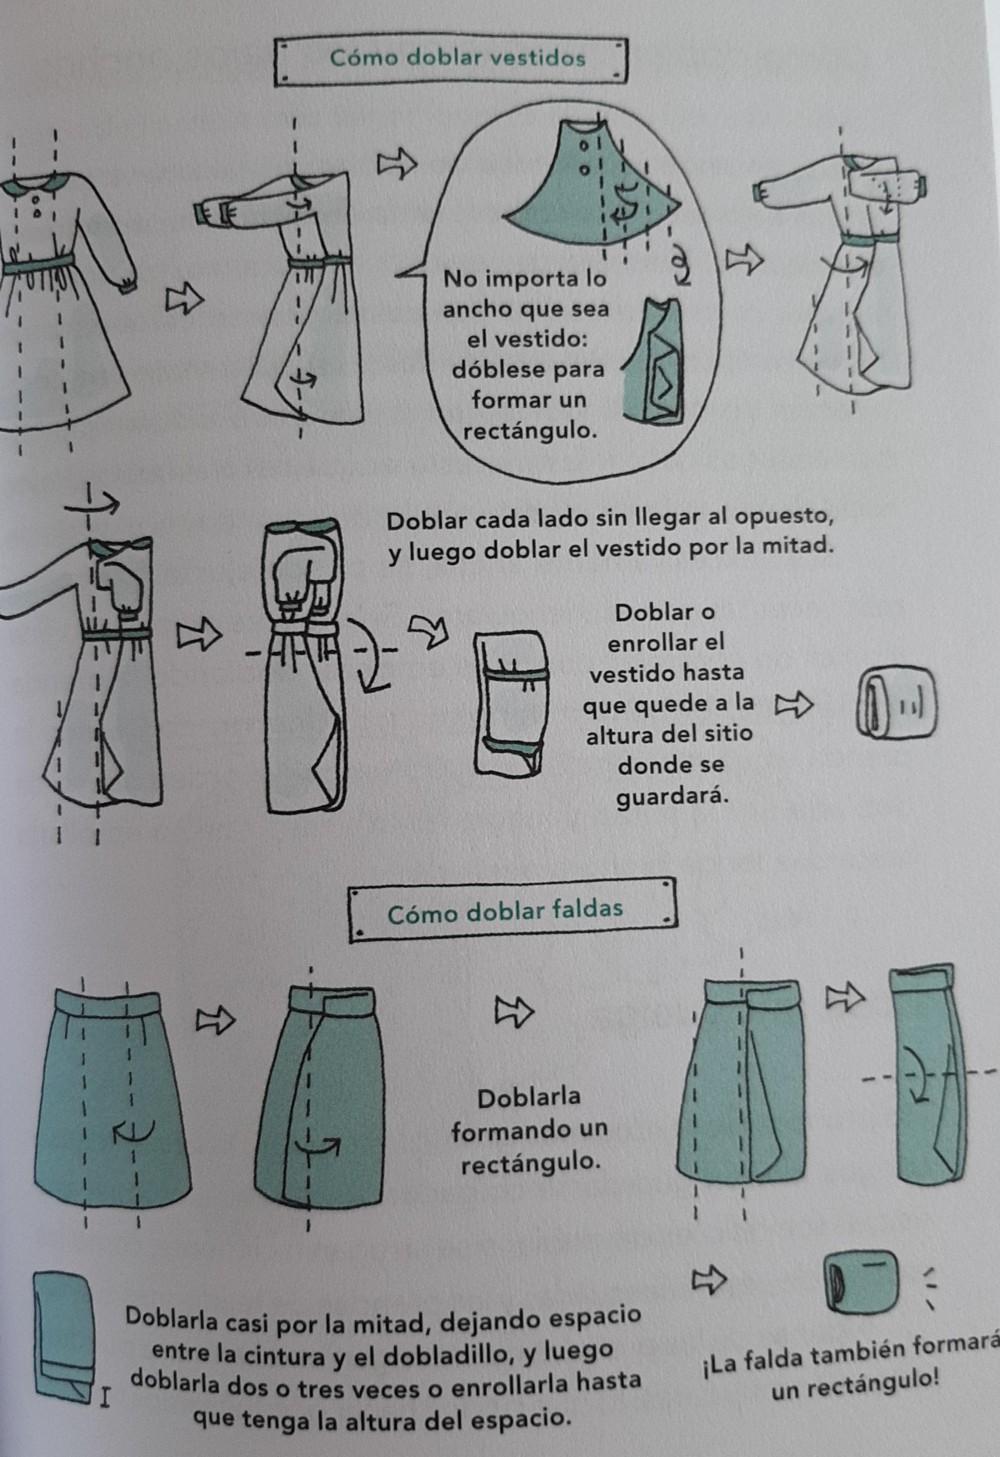 Como doblar vestidos y faldas